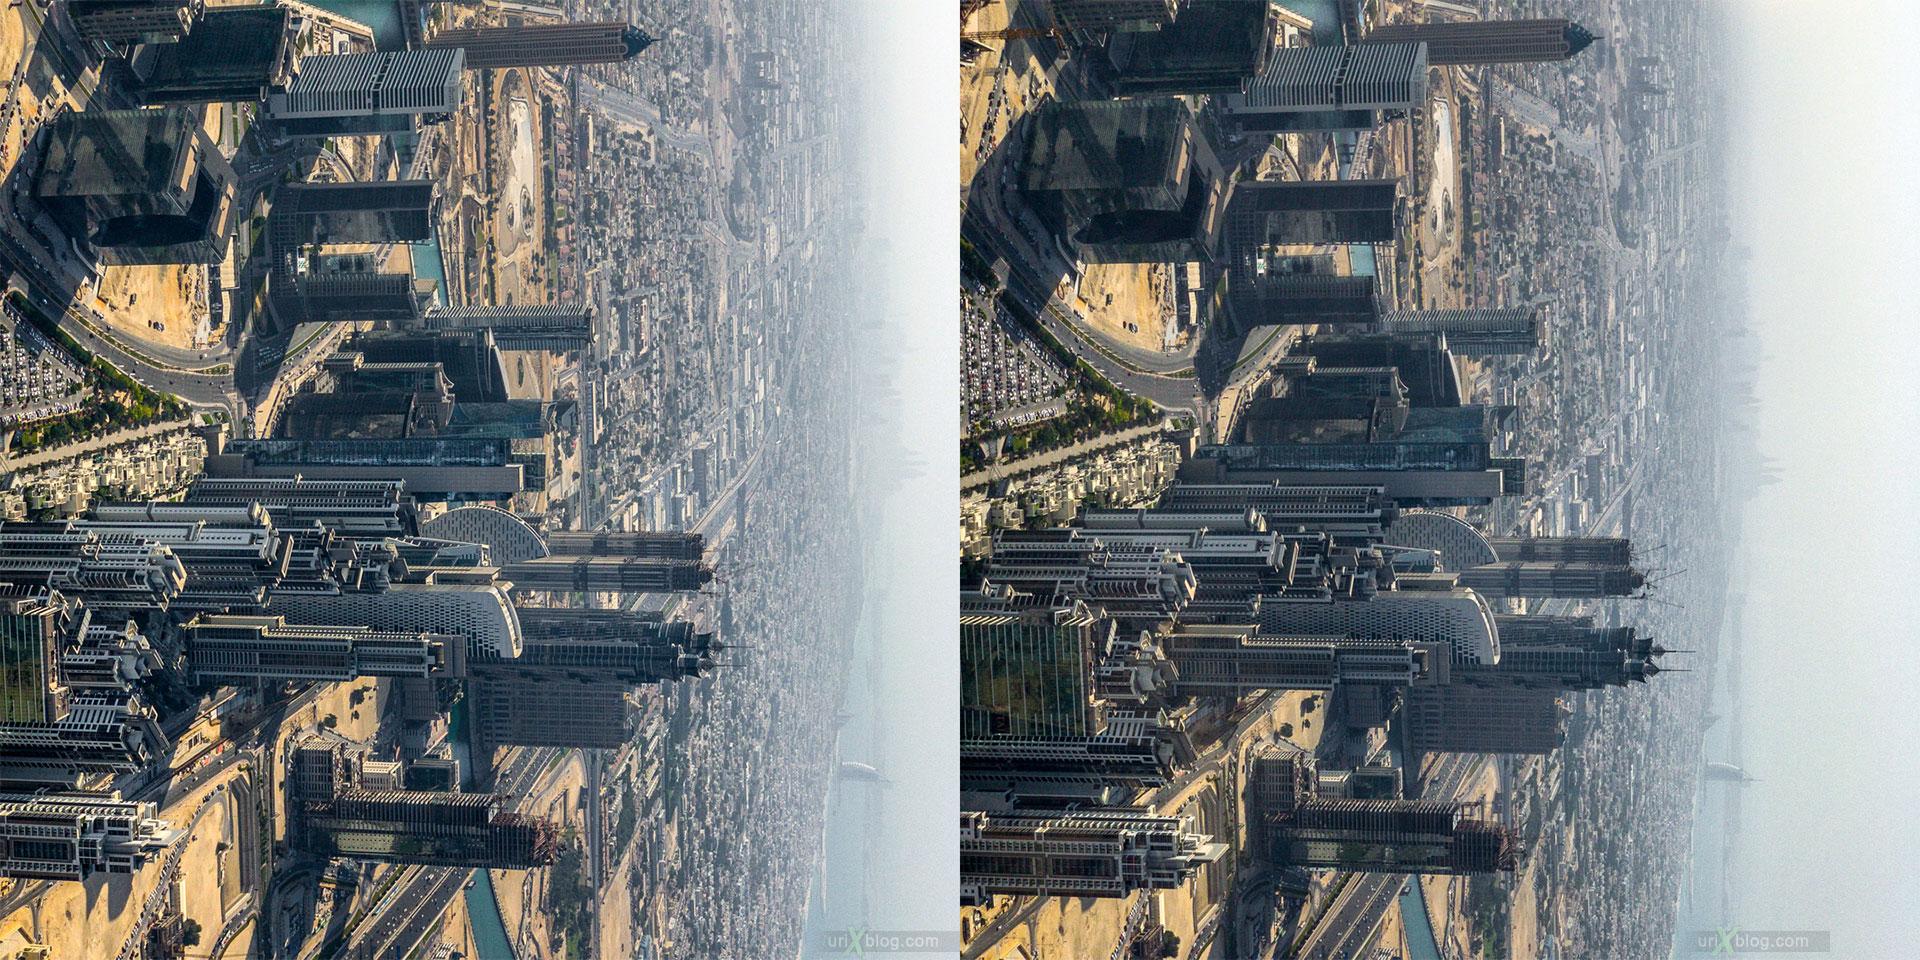 Дубай, Бурдж Халифа, Башня, ОАЭ, сравнение, горизонт, панорама, 2017, 148, 124, 125, этажи, 3D, перекрёстная стереопара, стерео, стереопара, 2017, гиперстерео